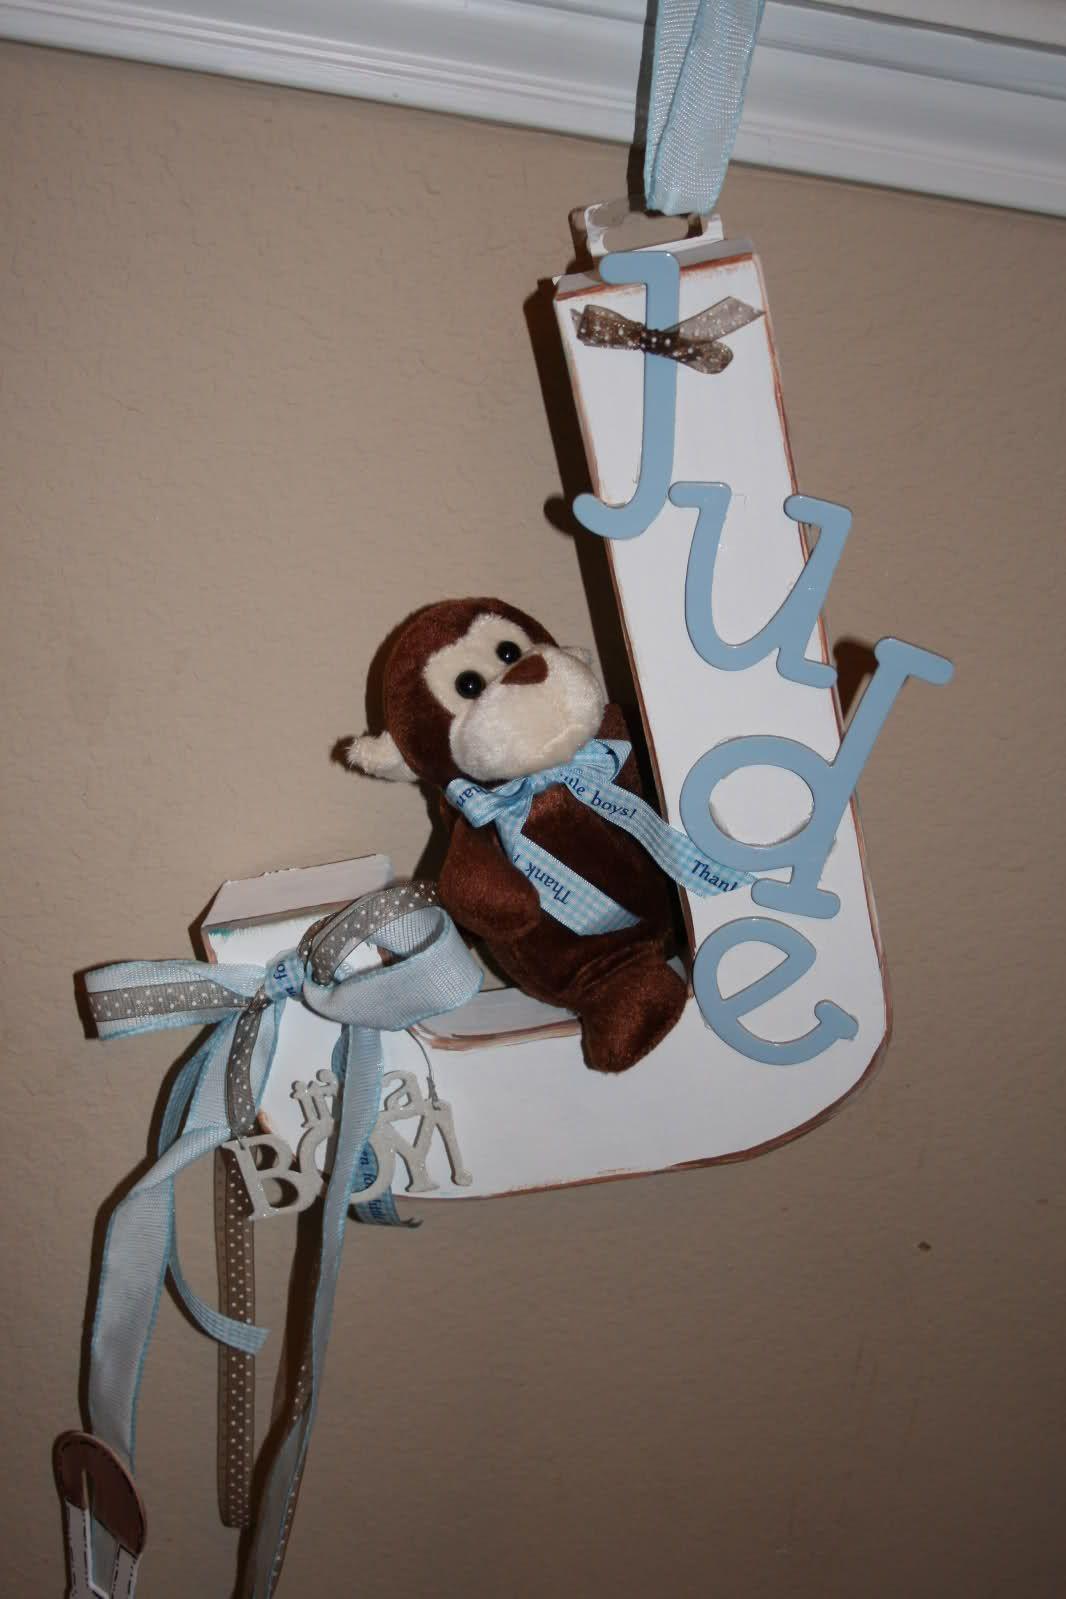 Decorative door hangers craft - Baby Door Decorations Pictures Of Wall Art And Hospital Door Hanger